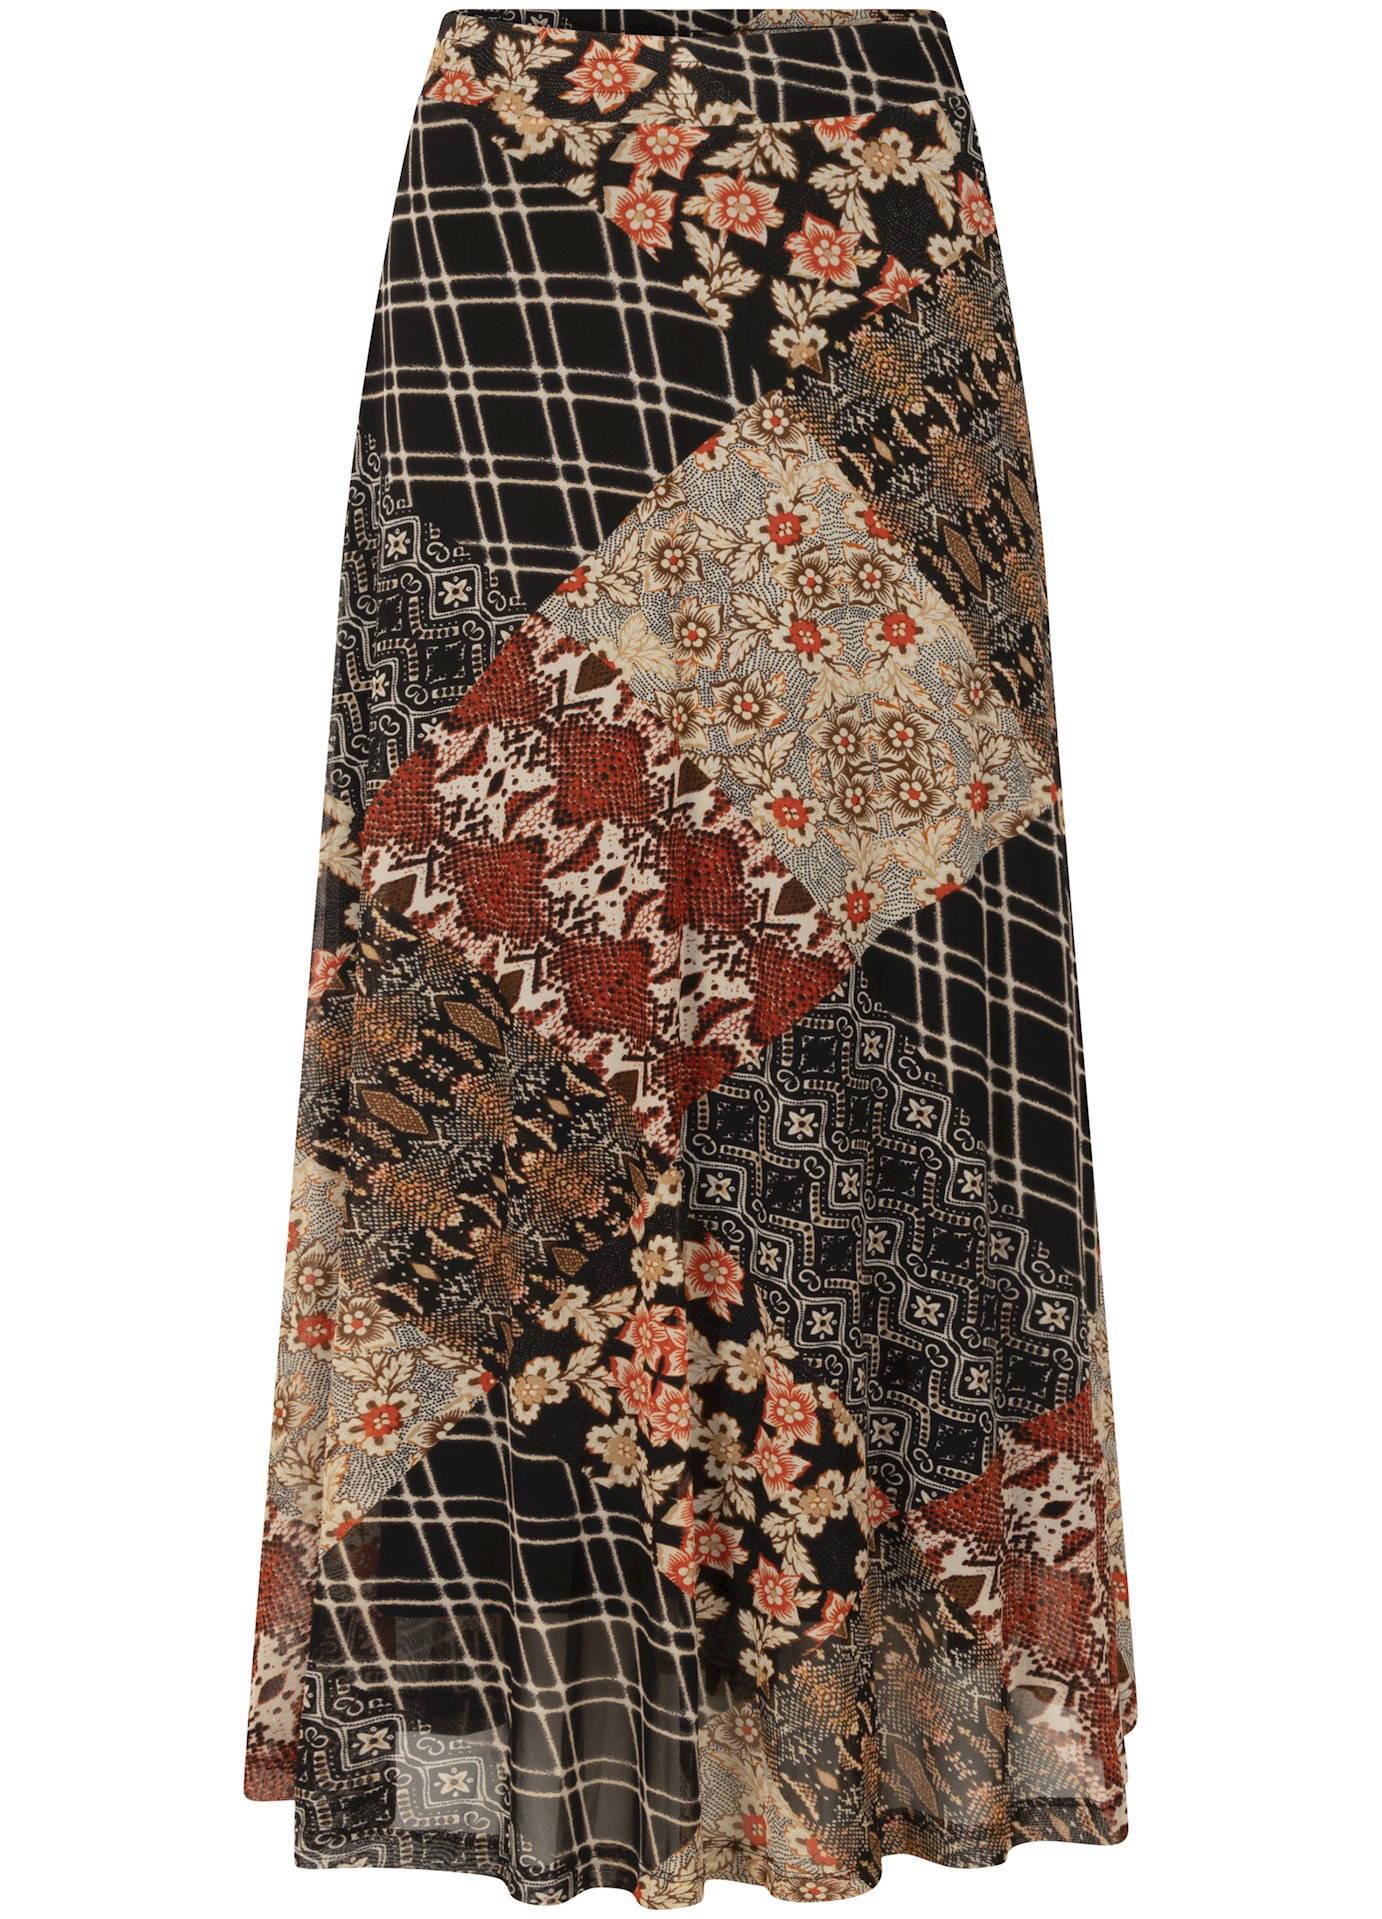 Tramontana midi rok met all over print zwart/beige/rood online kopen